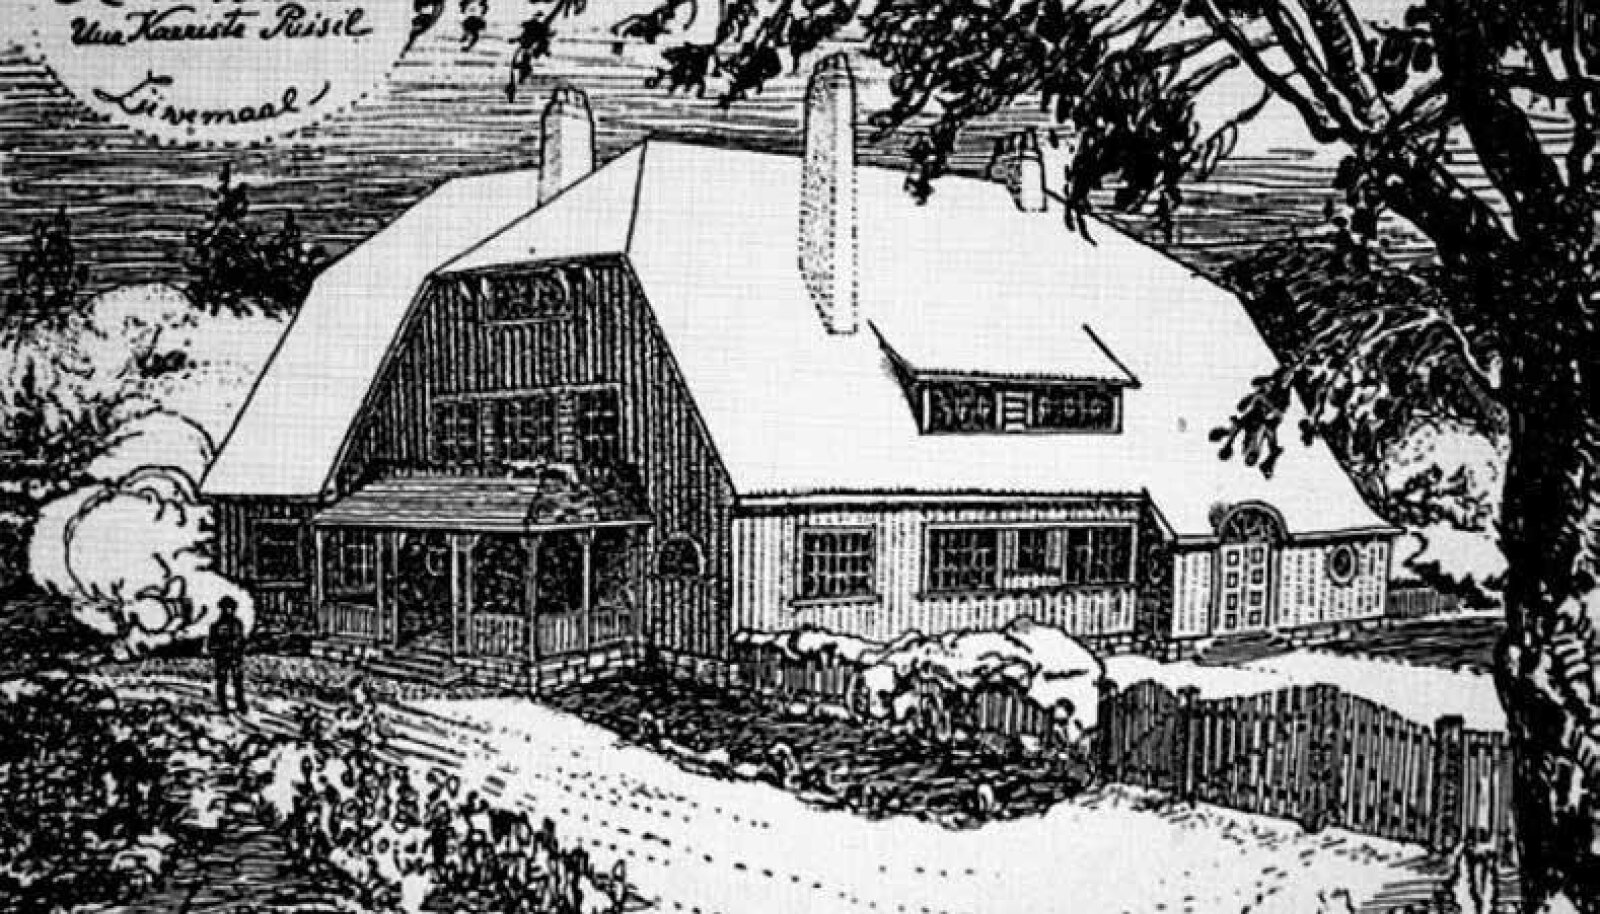 Pildil olev arhitektide Artur Perna ja Karl Burmani joonestatud Puisi talu vaade pärineb 1913. aastal ilmunud ajakirjast Põllumajandus.